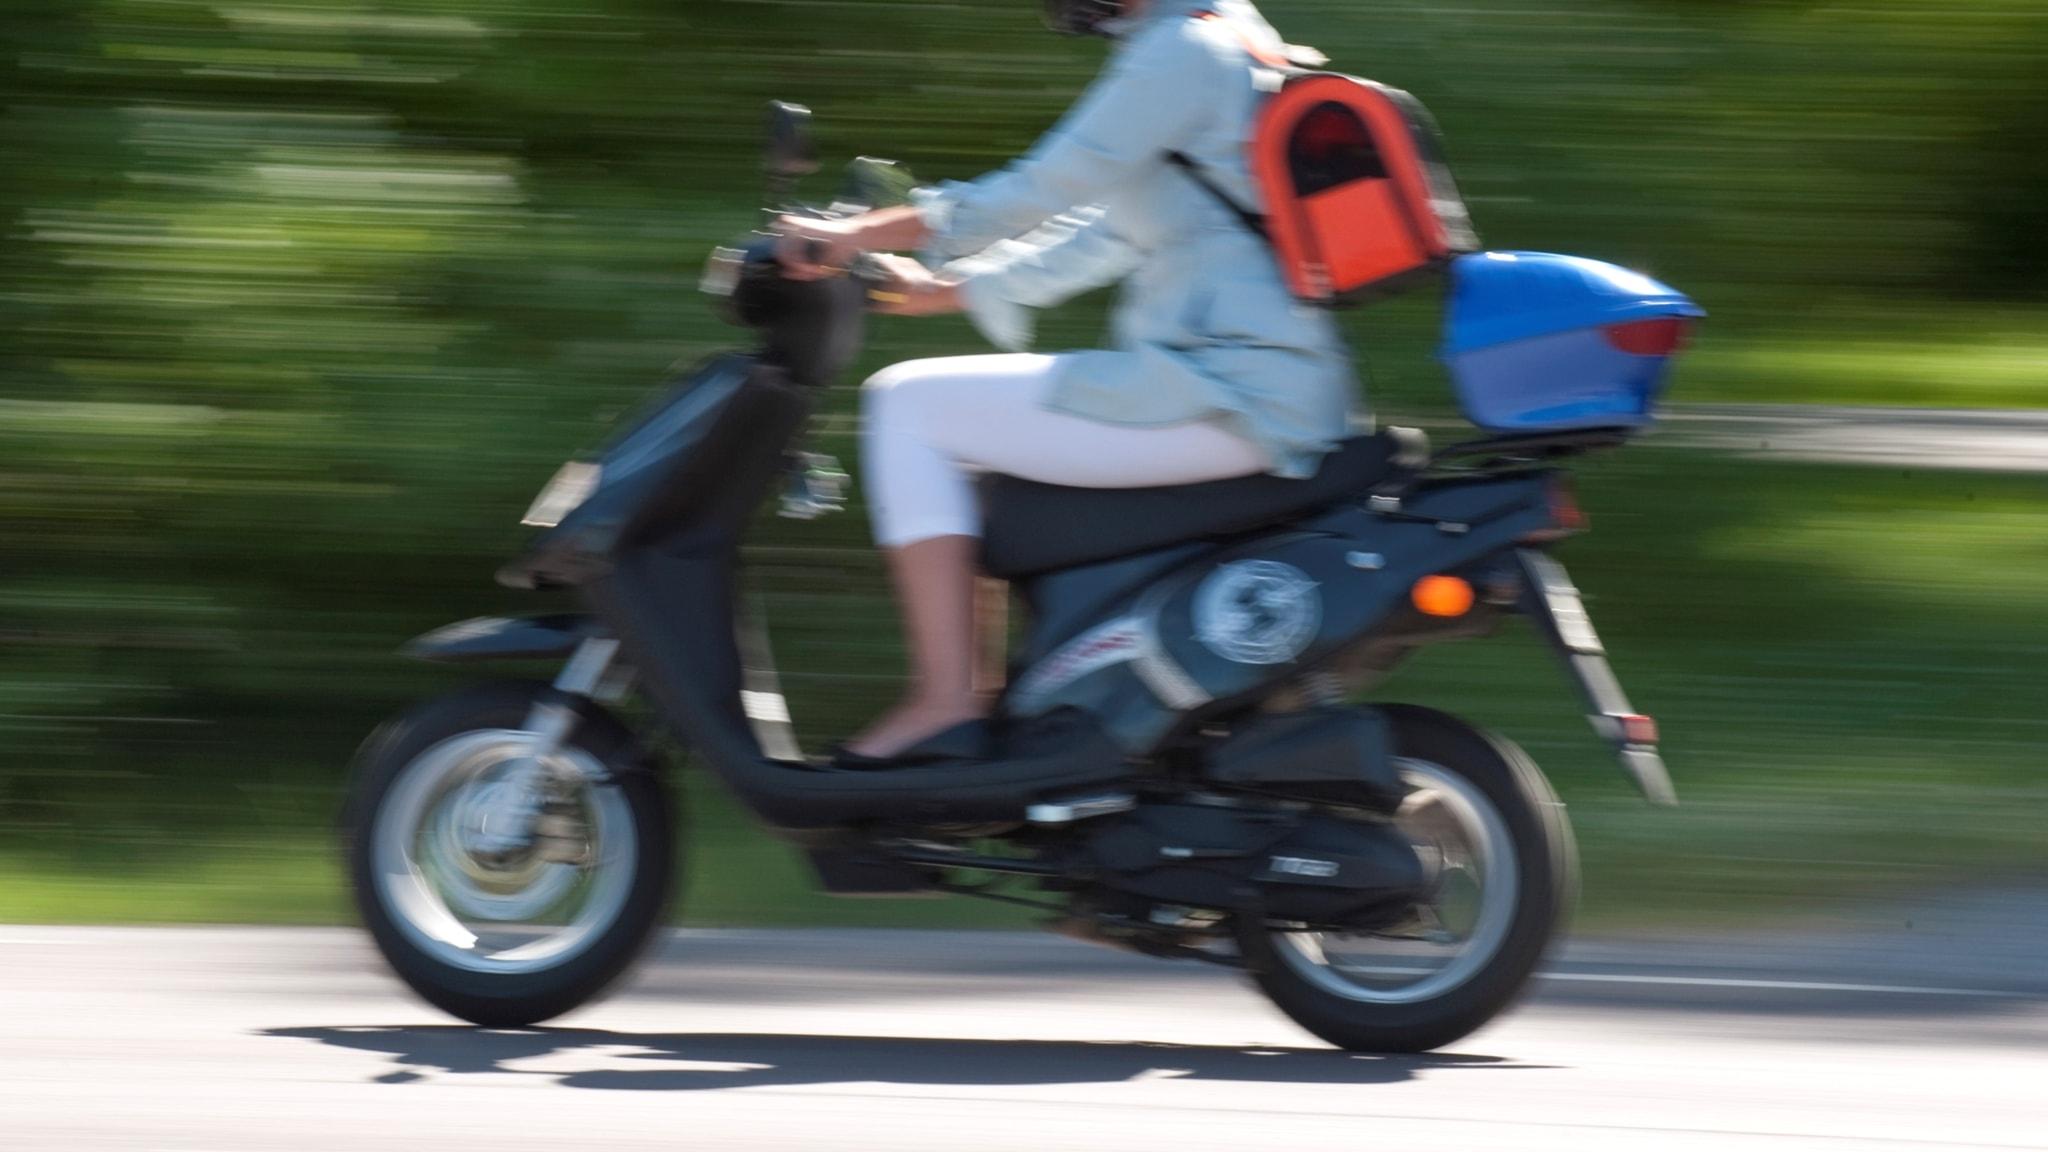 Mopeder saljs trimmade